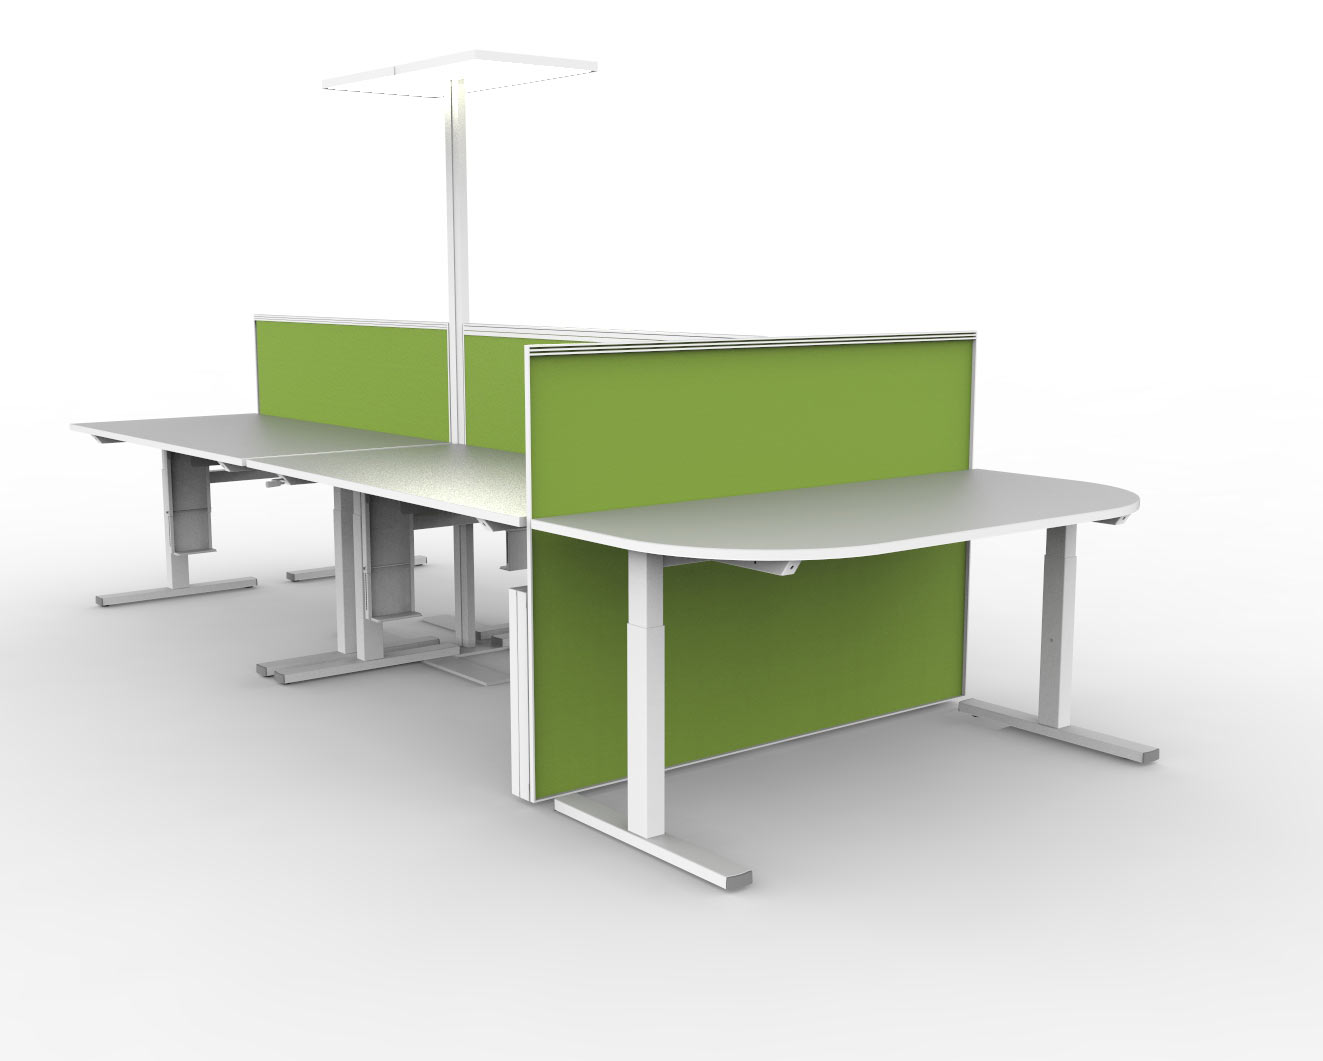 Bench met 3de niveau (5 personen)